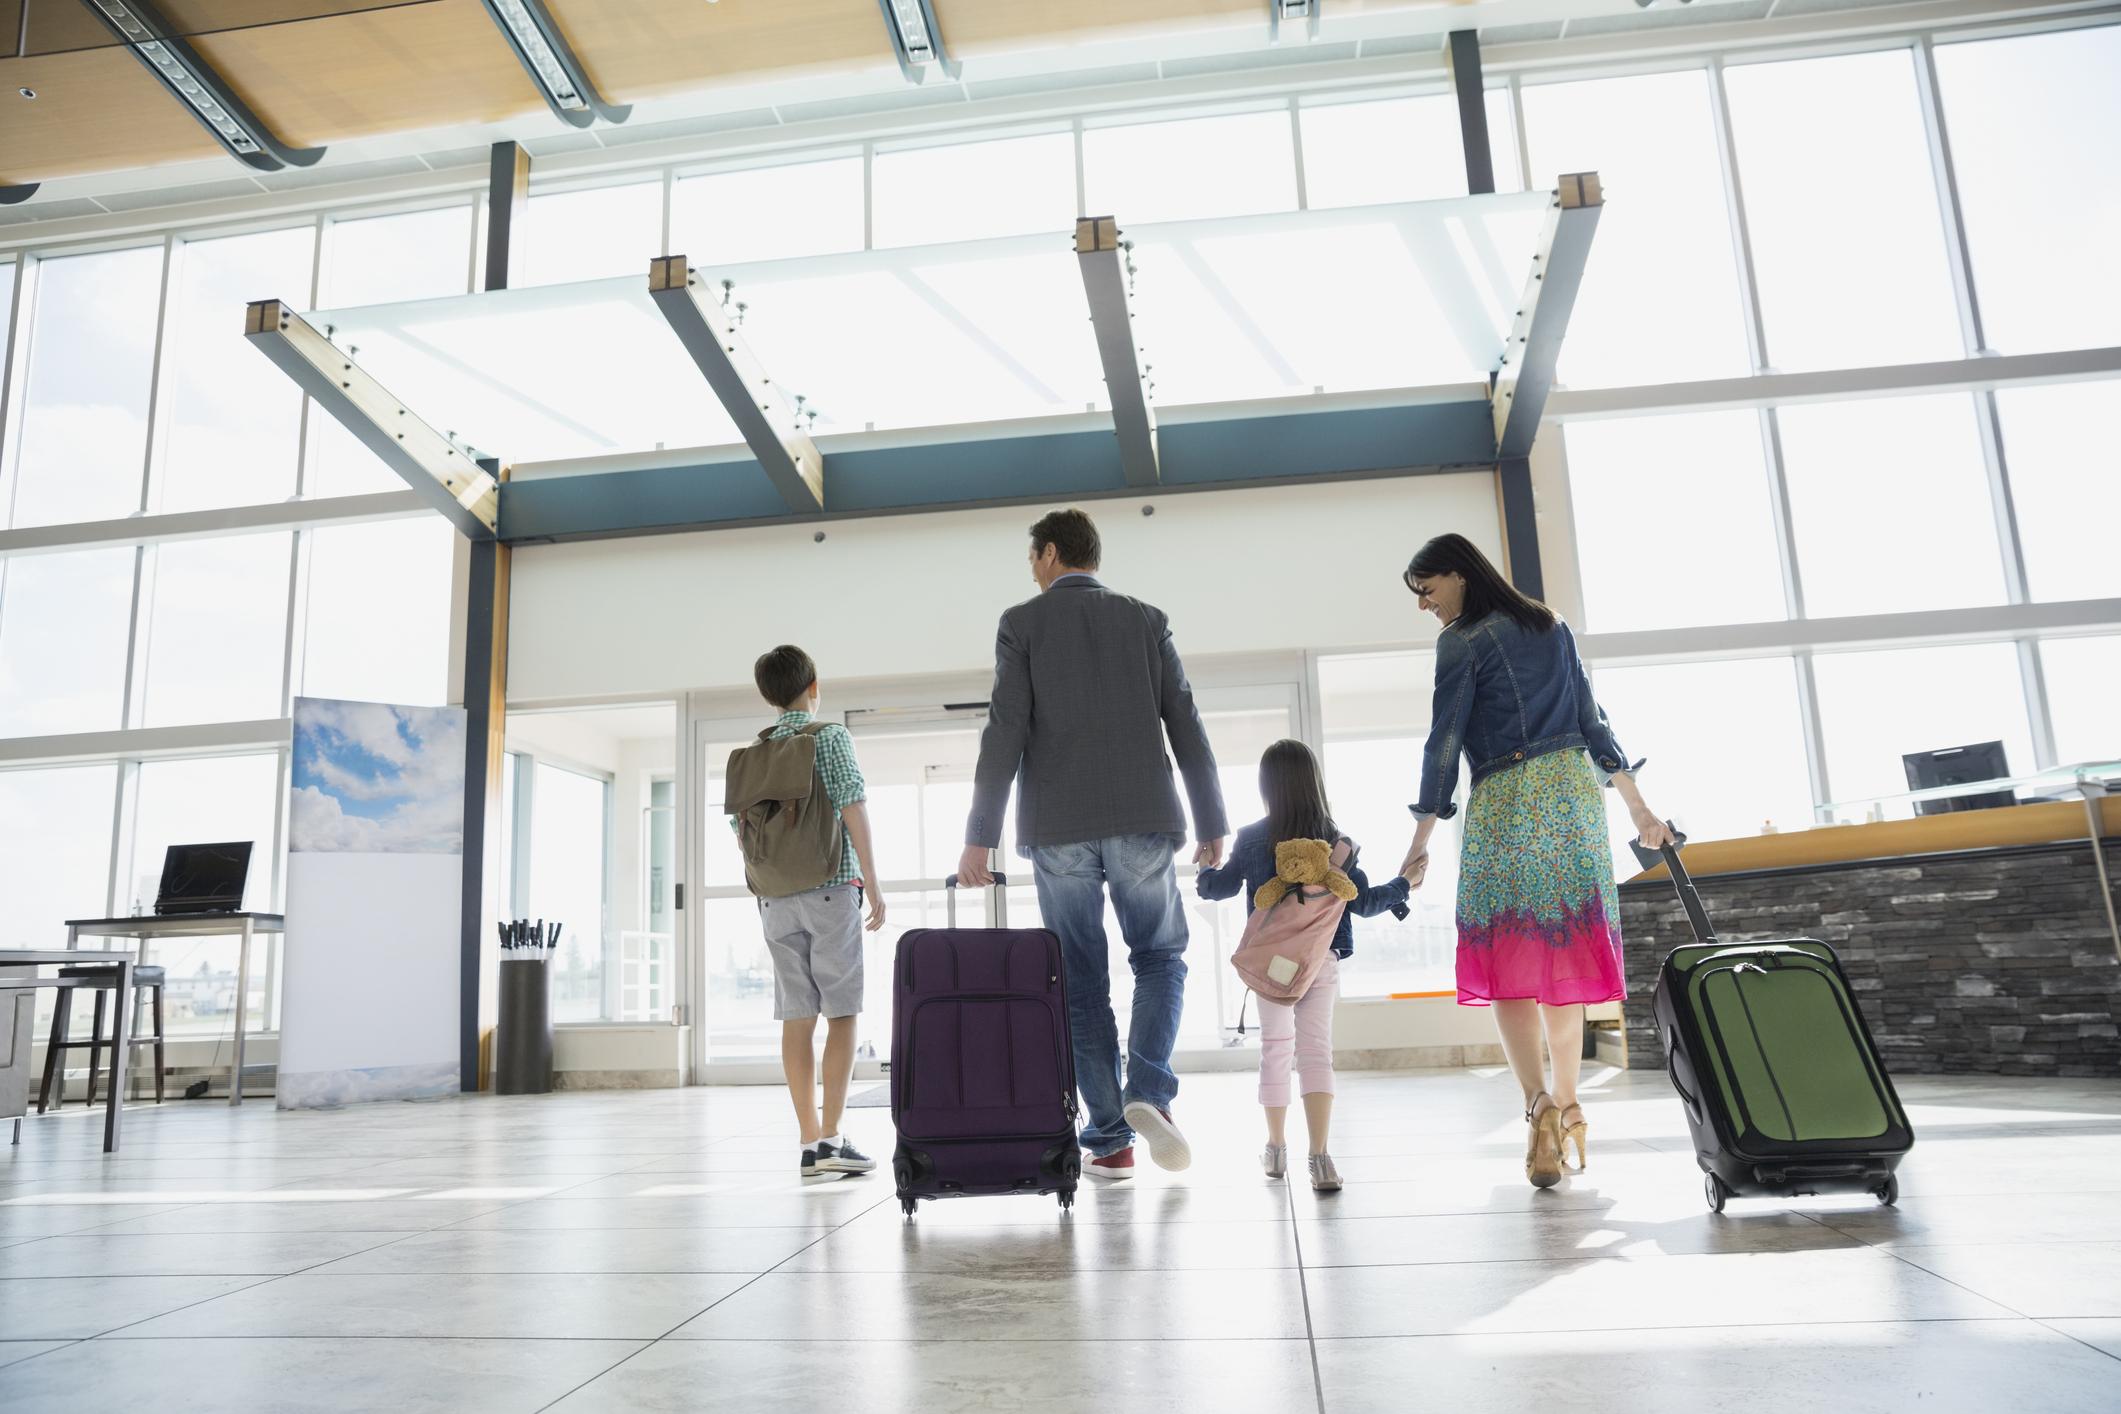 Consejos para proteger tu hogar en vacaciones de invierno